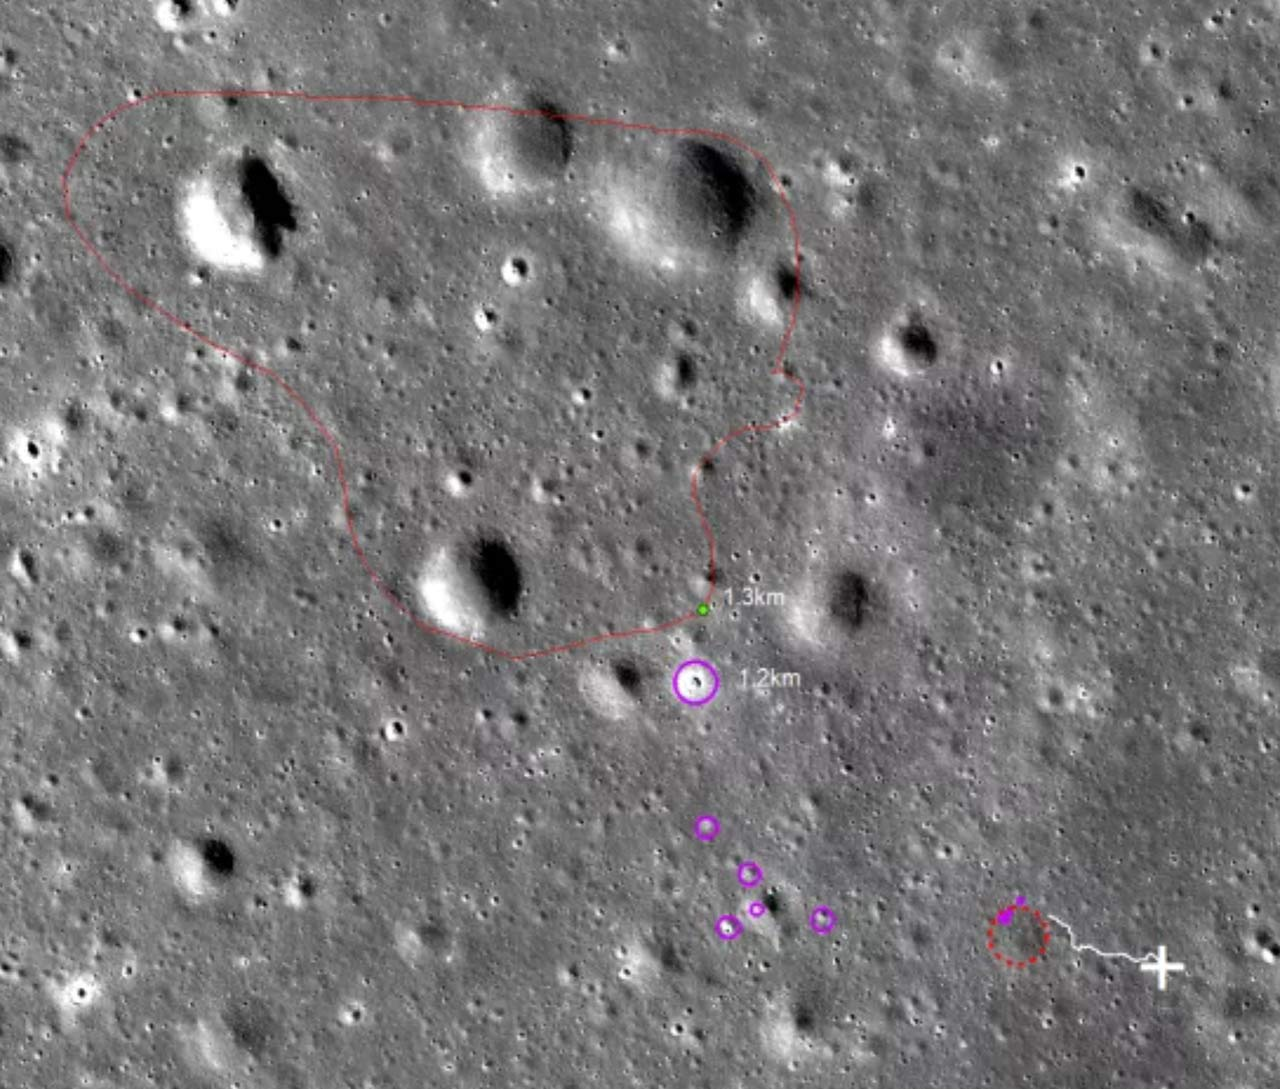 嫦娥四号完成第23月昼工作 嫦娥一号发射13周年图片